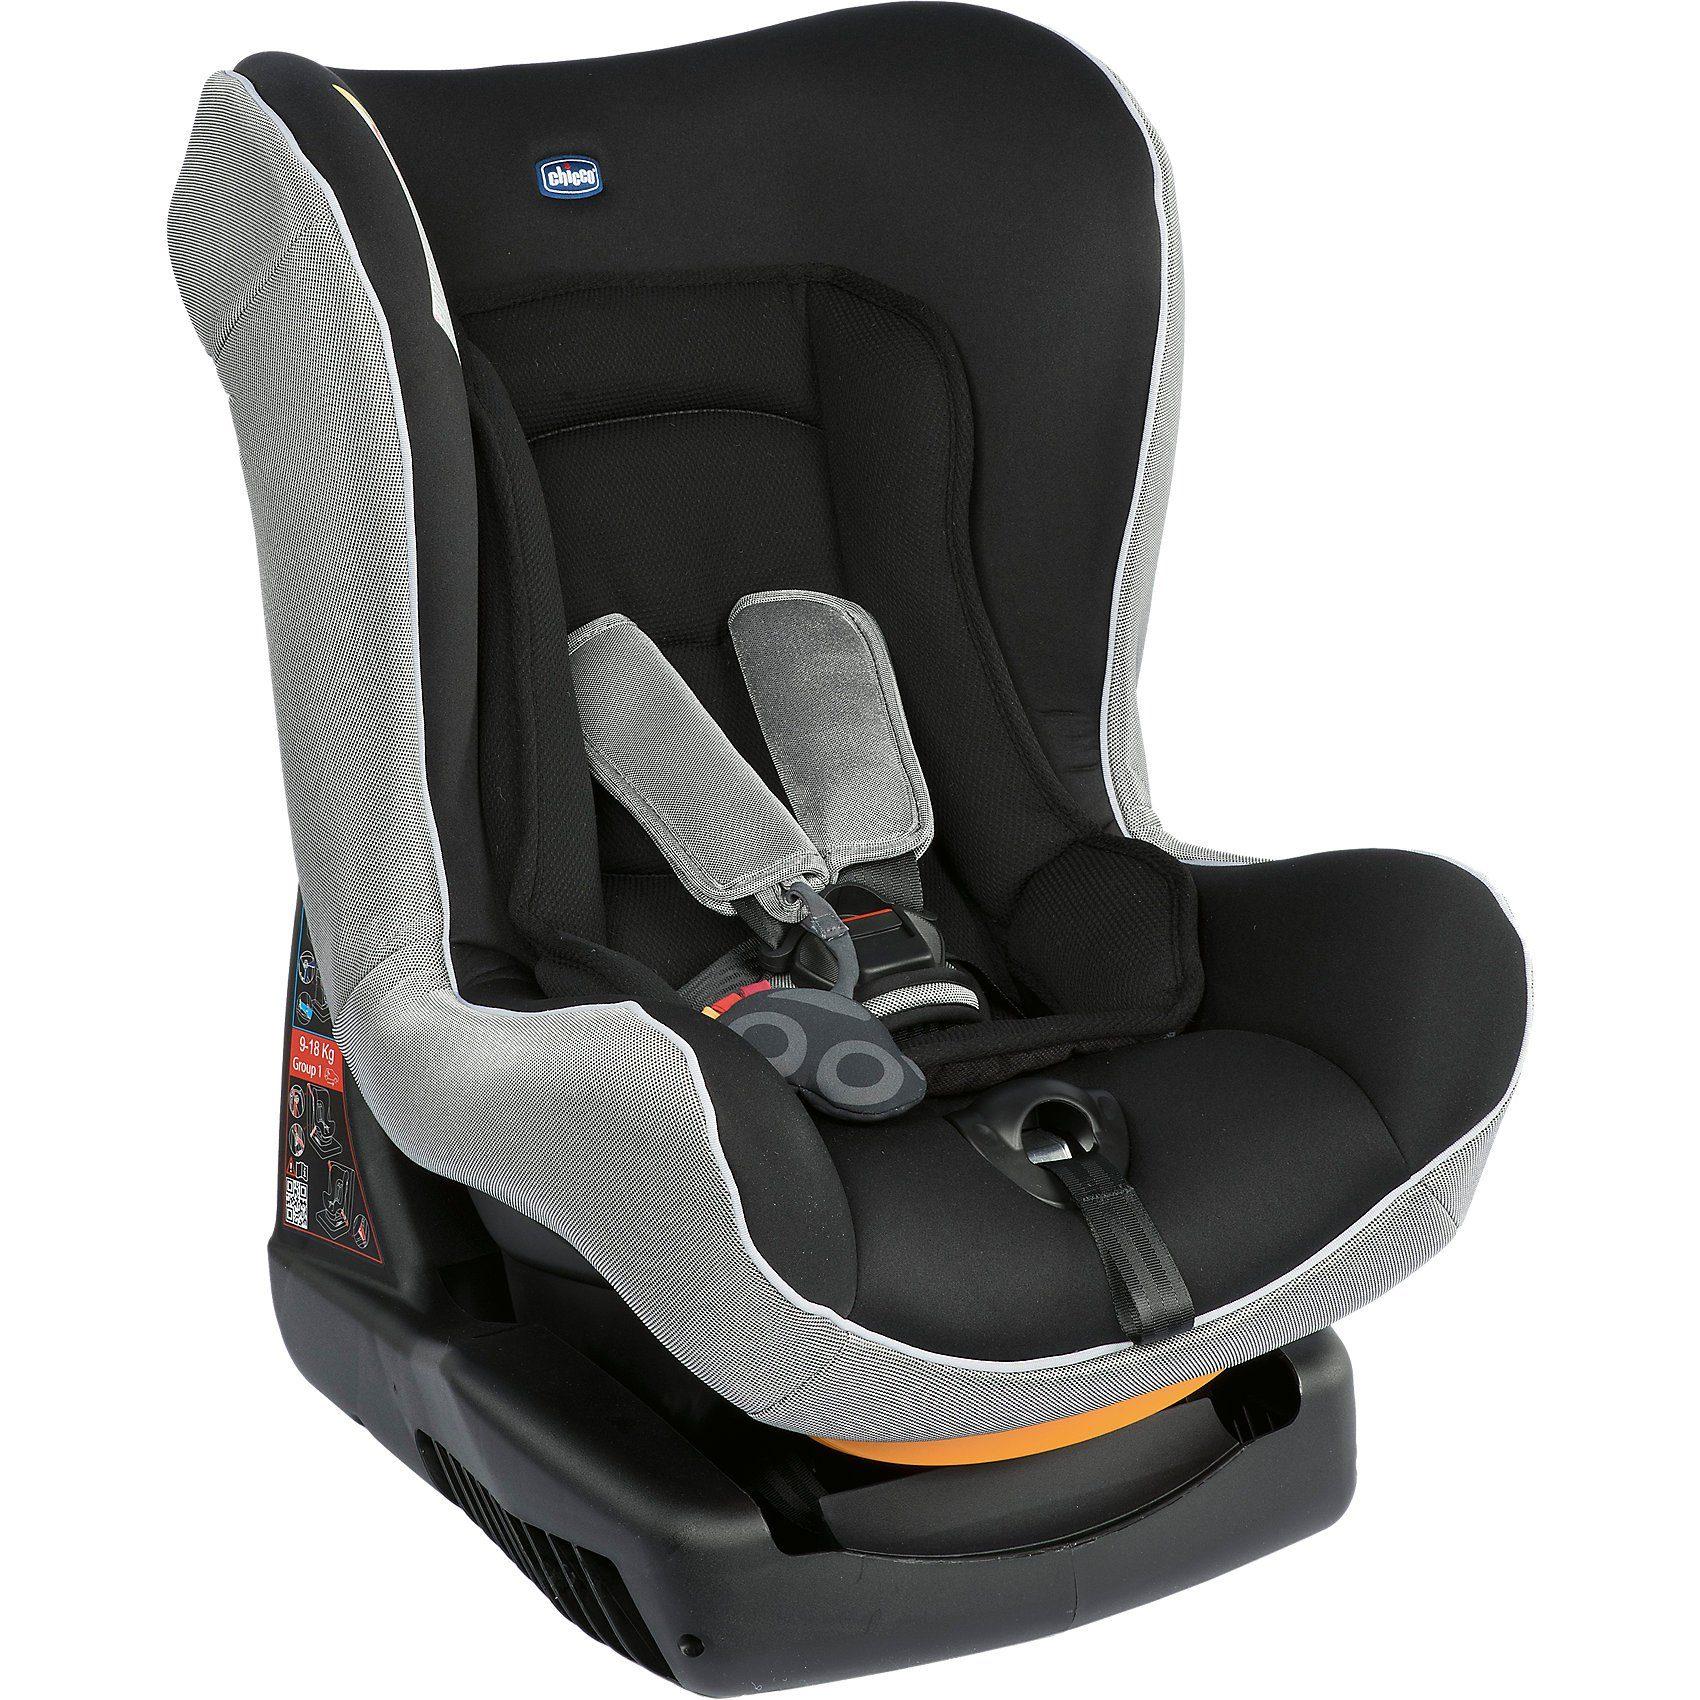 CHICCO Auto-Kindersitz COSMOS S.E., polar silver, 2018